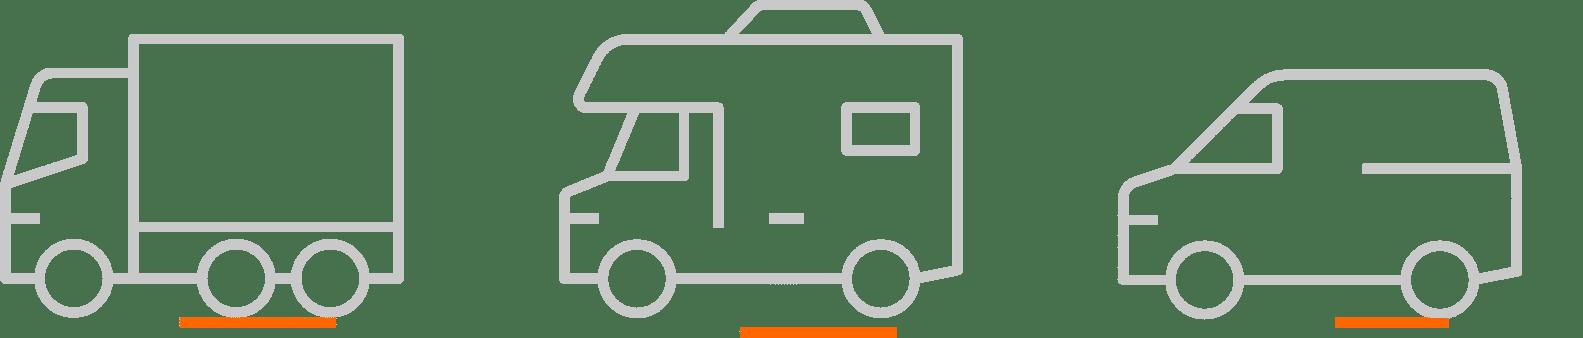 trucks vans